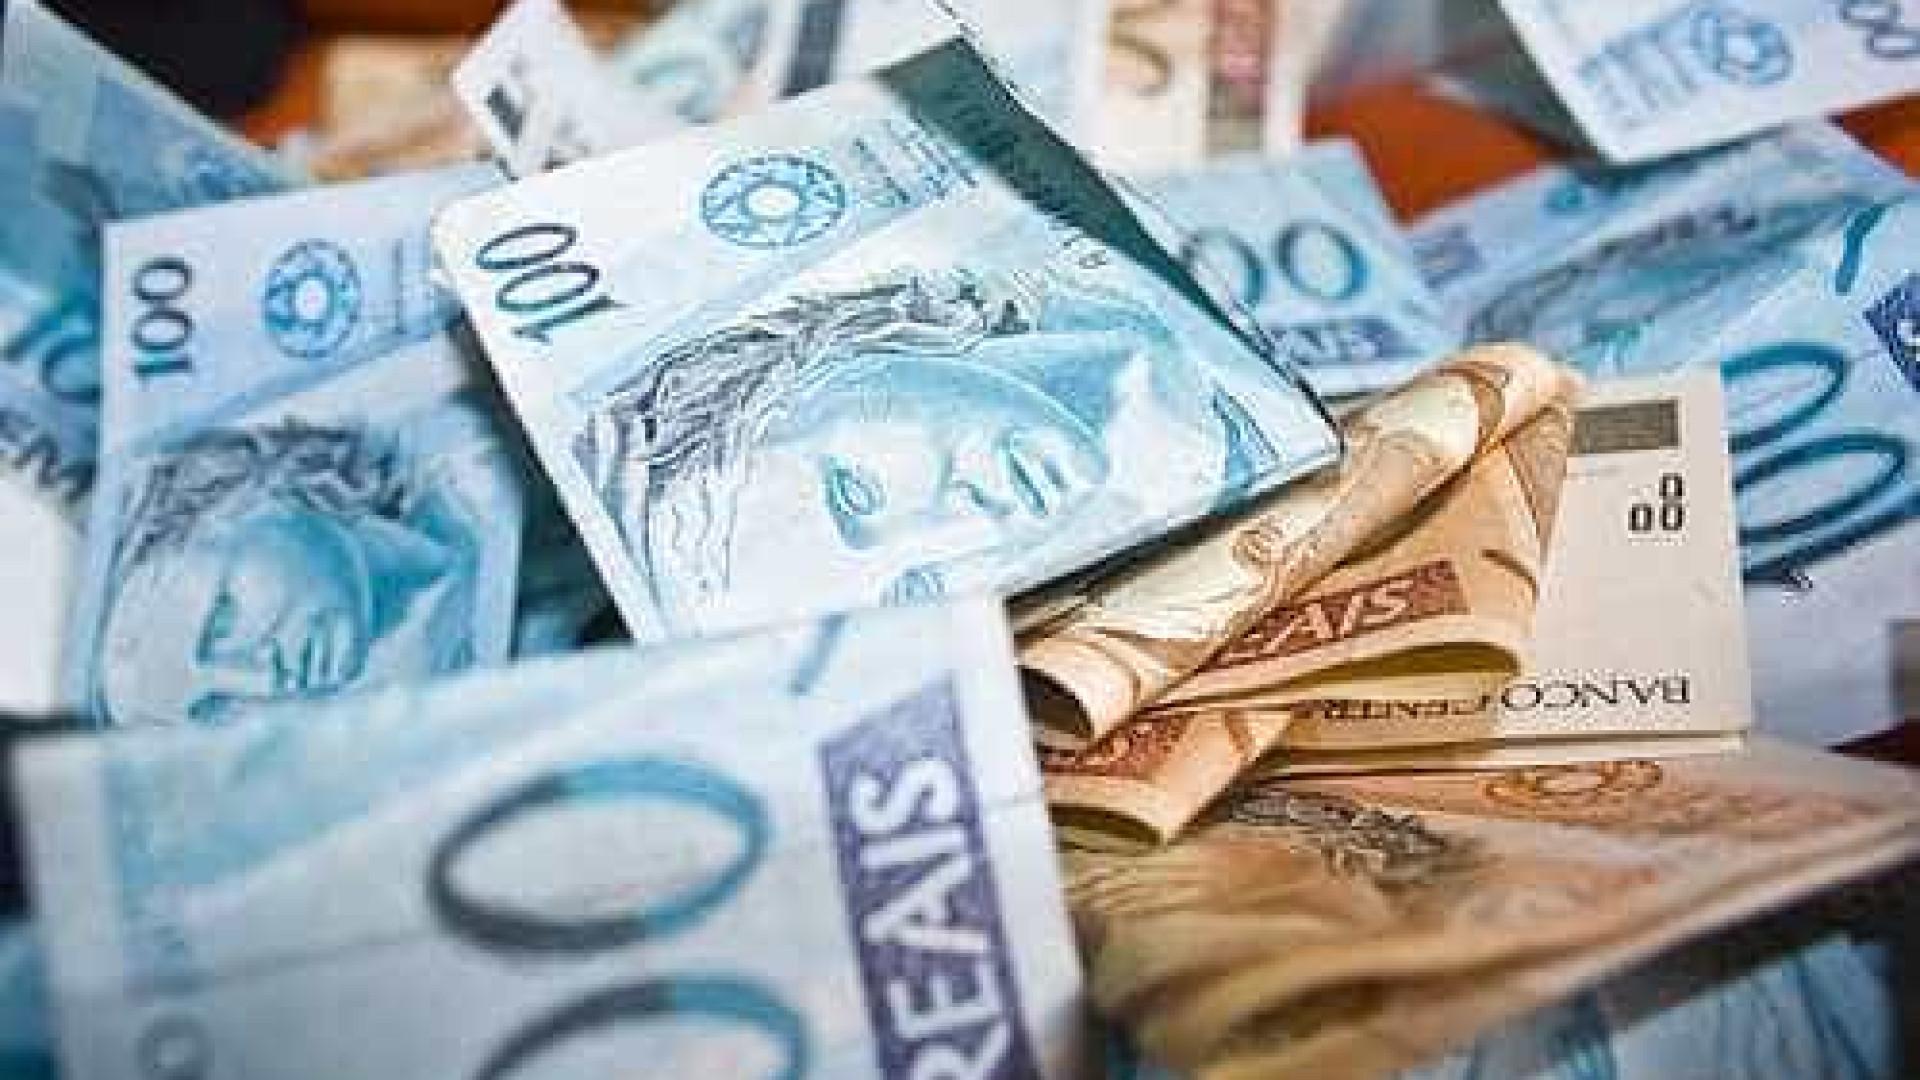 Startup de entregas recebe R$ 400 milhões para expandir negócio no país